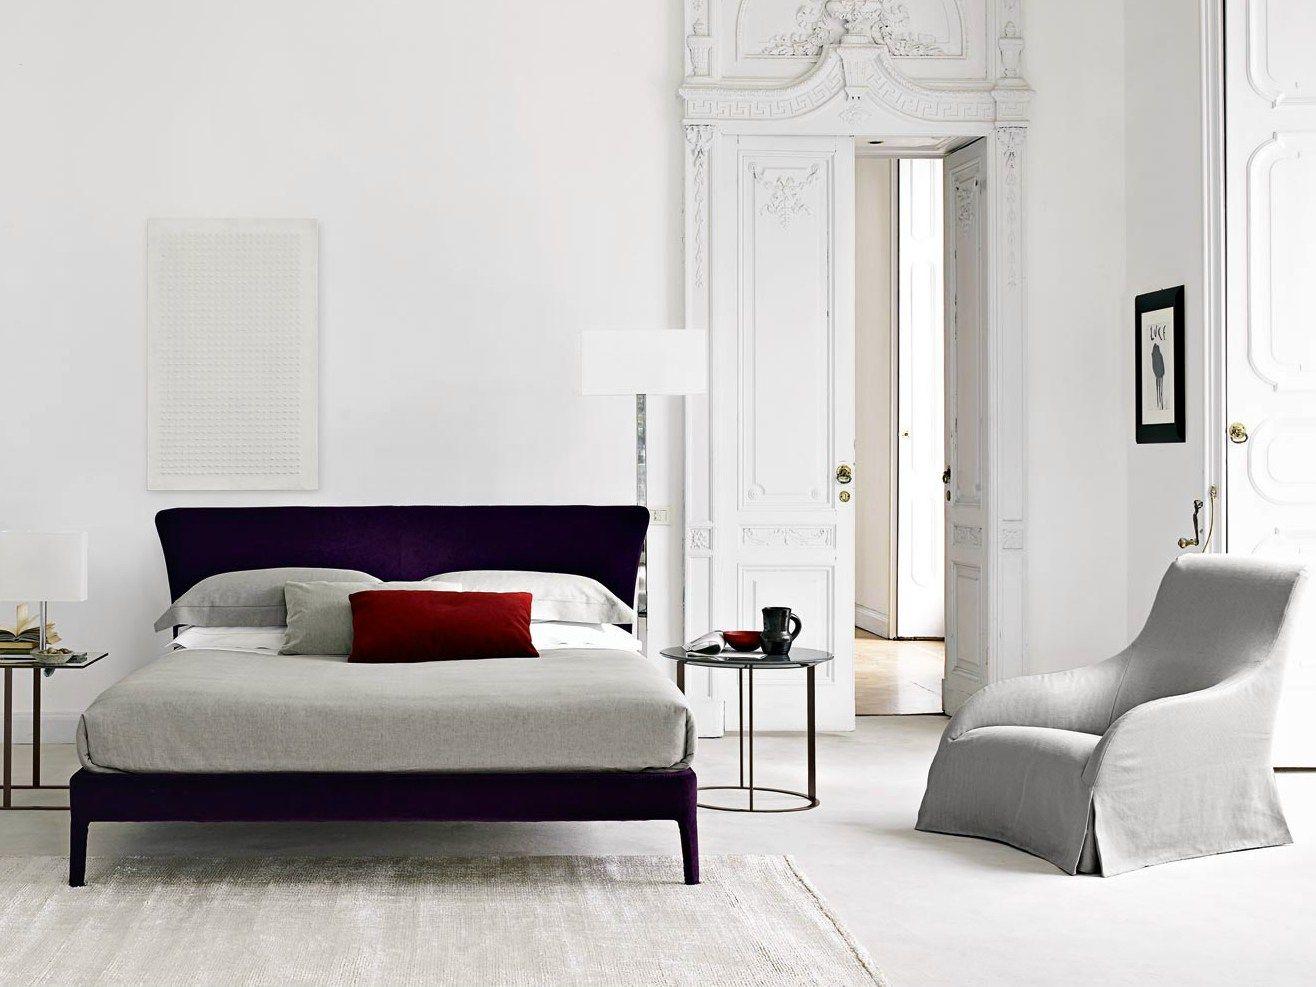 febo bed by maxalto a brand of b b italia spa design antonio citterio. Black Bedroom Furniture Sets. Home Design Ideas